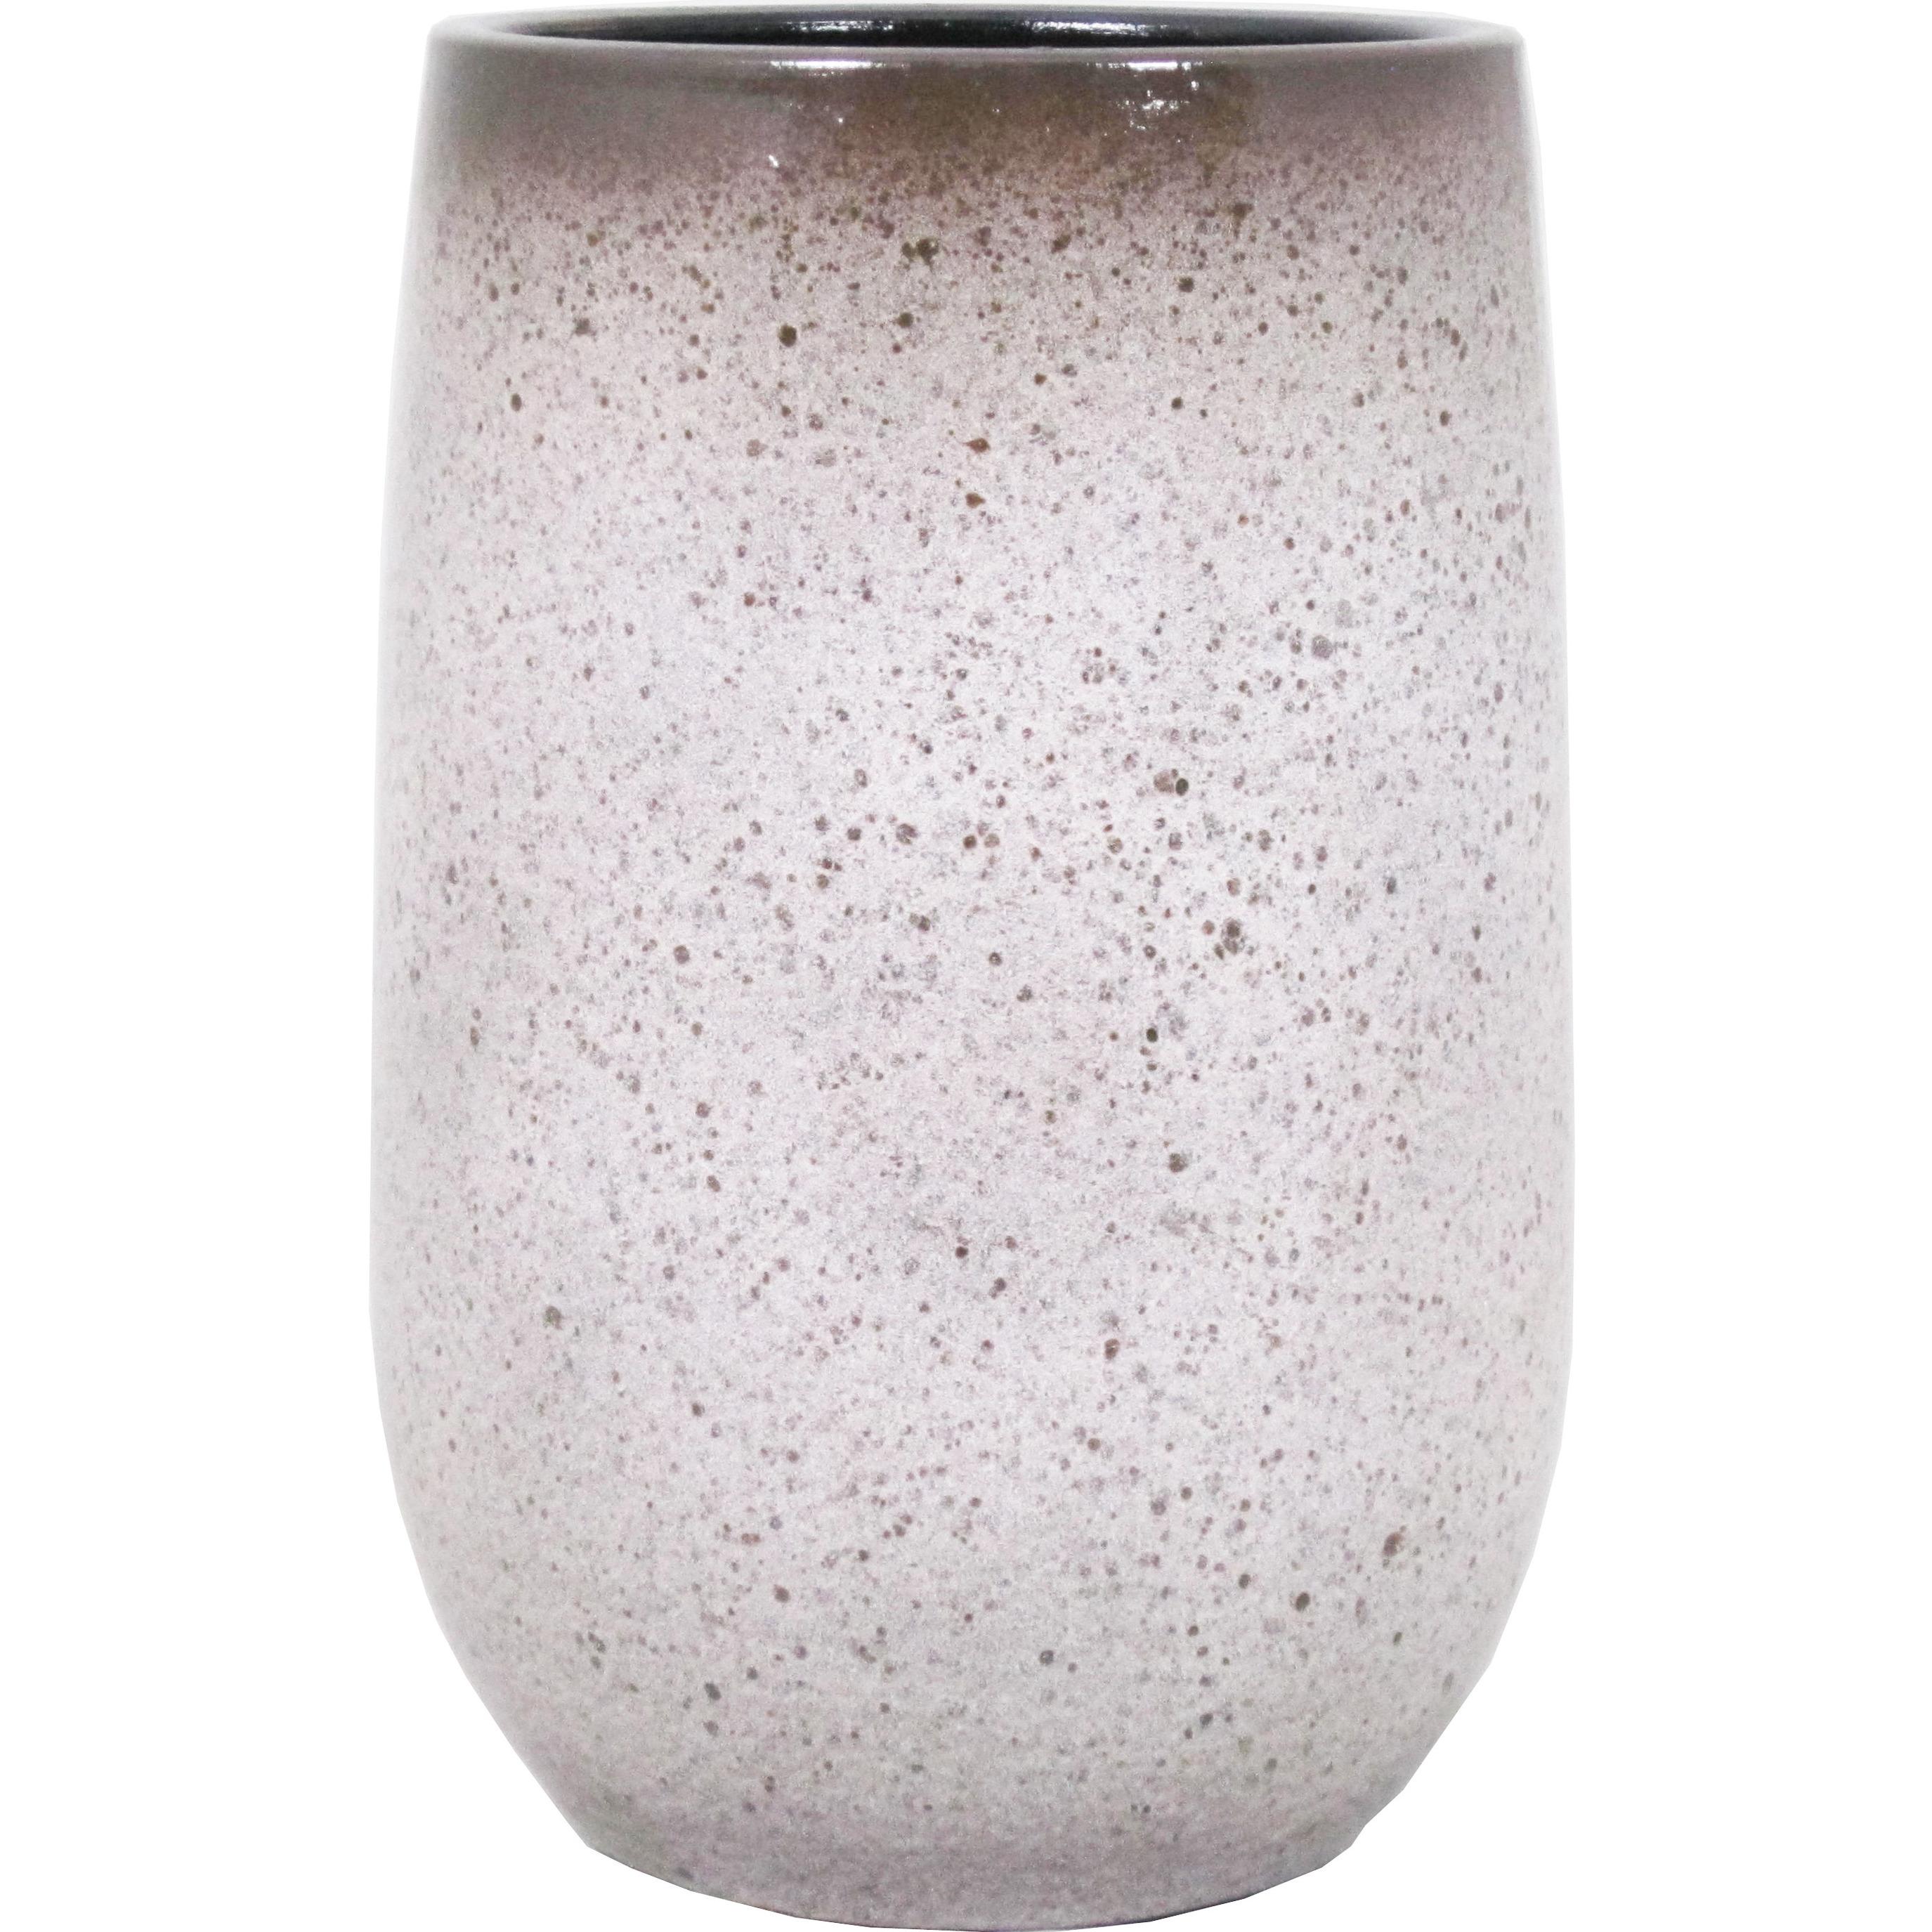 Bloempot vaas mat wit flakes keramiek voor bloemen-planten H30 x D19 cm